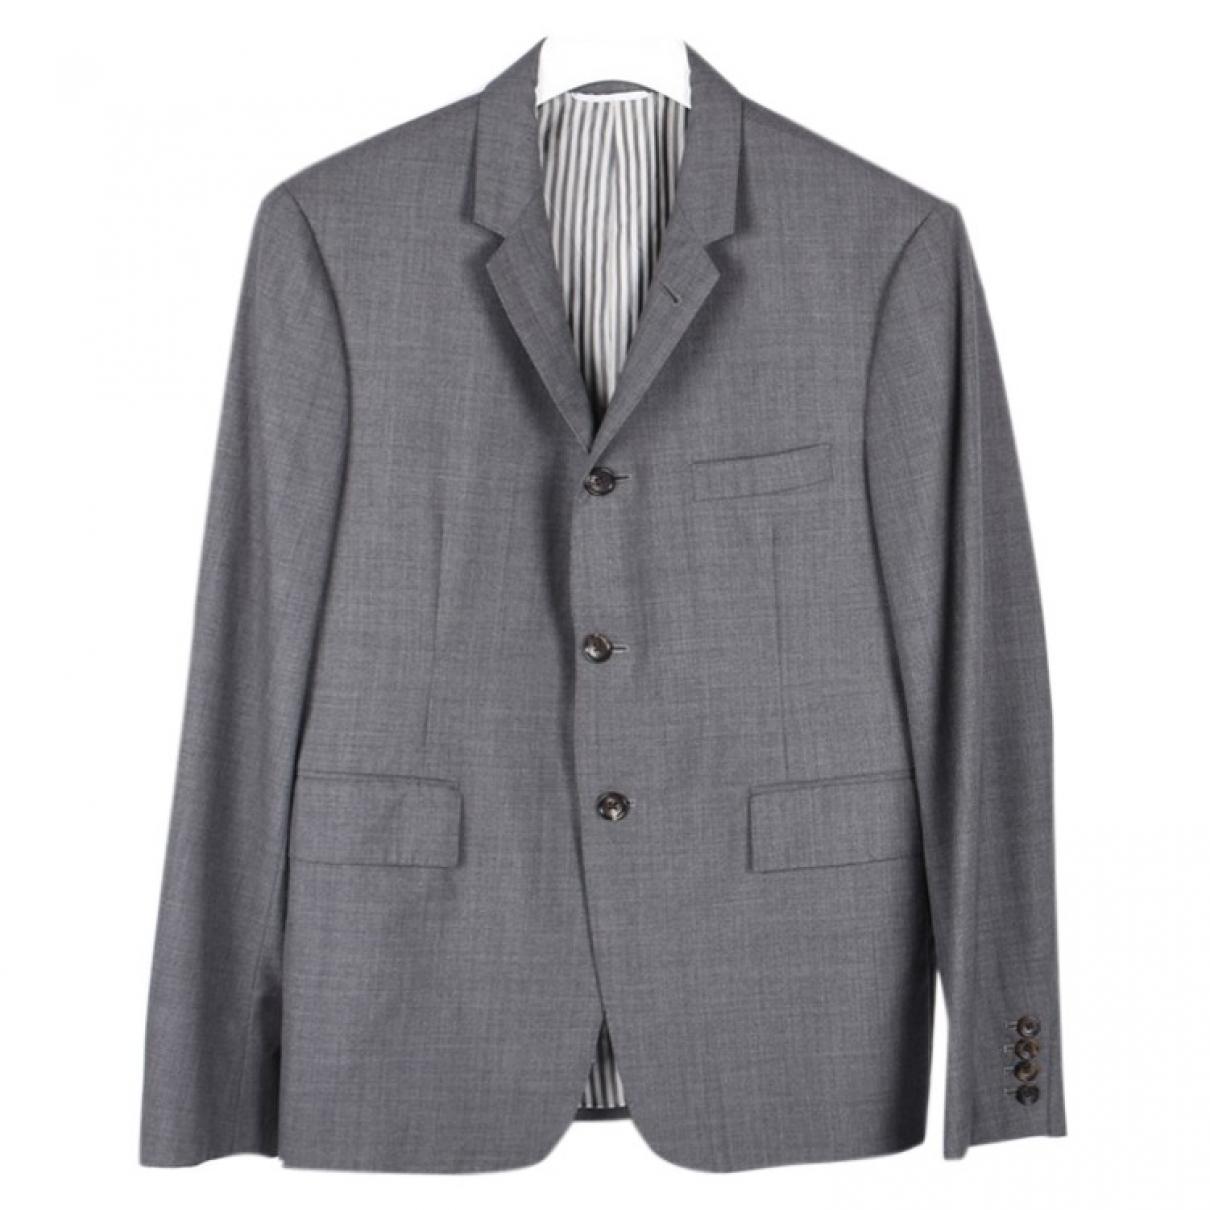 Thom Browne \N Grey Wool jacket  for Men 3 0 - 6